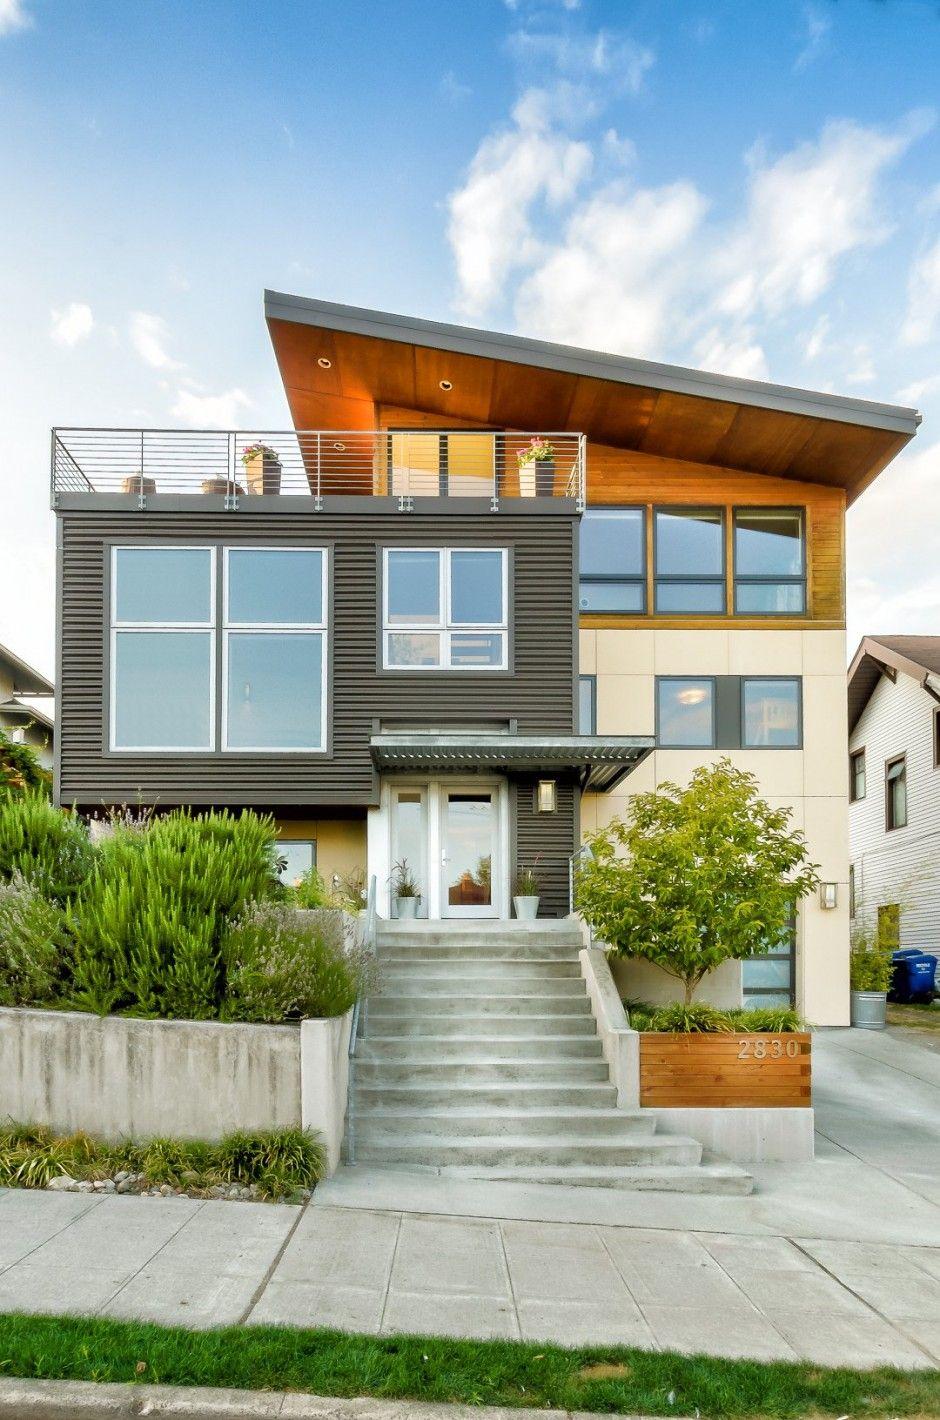 71 Contemporary Exterior Design Photos: Facade House, Architecture Design, House Exterior